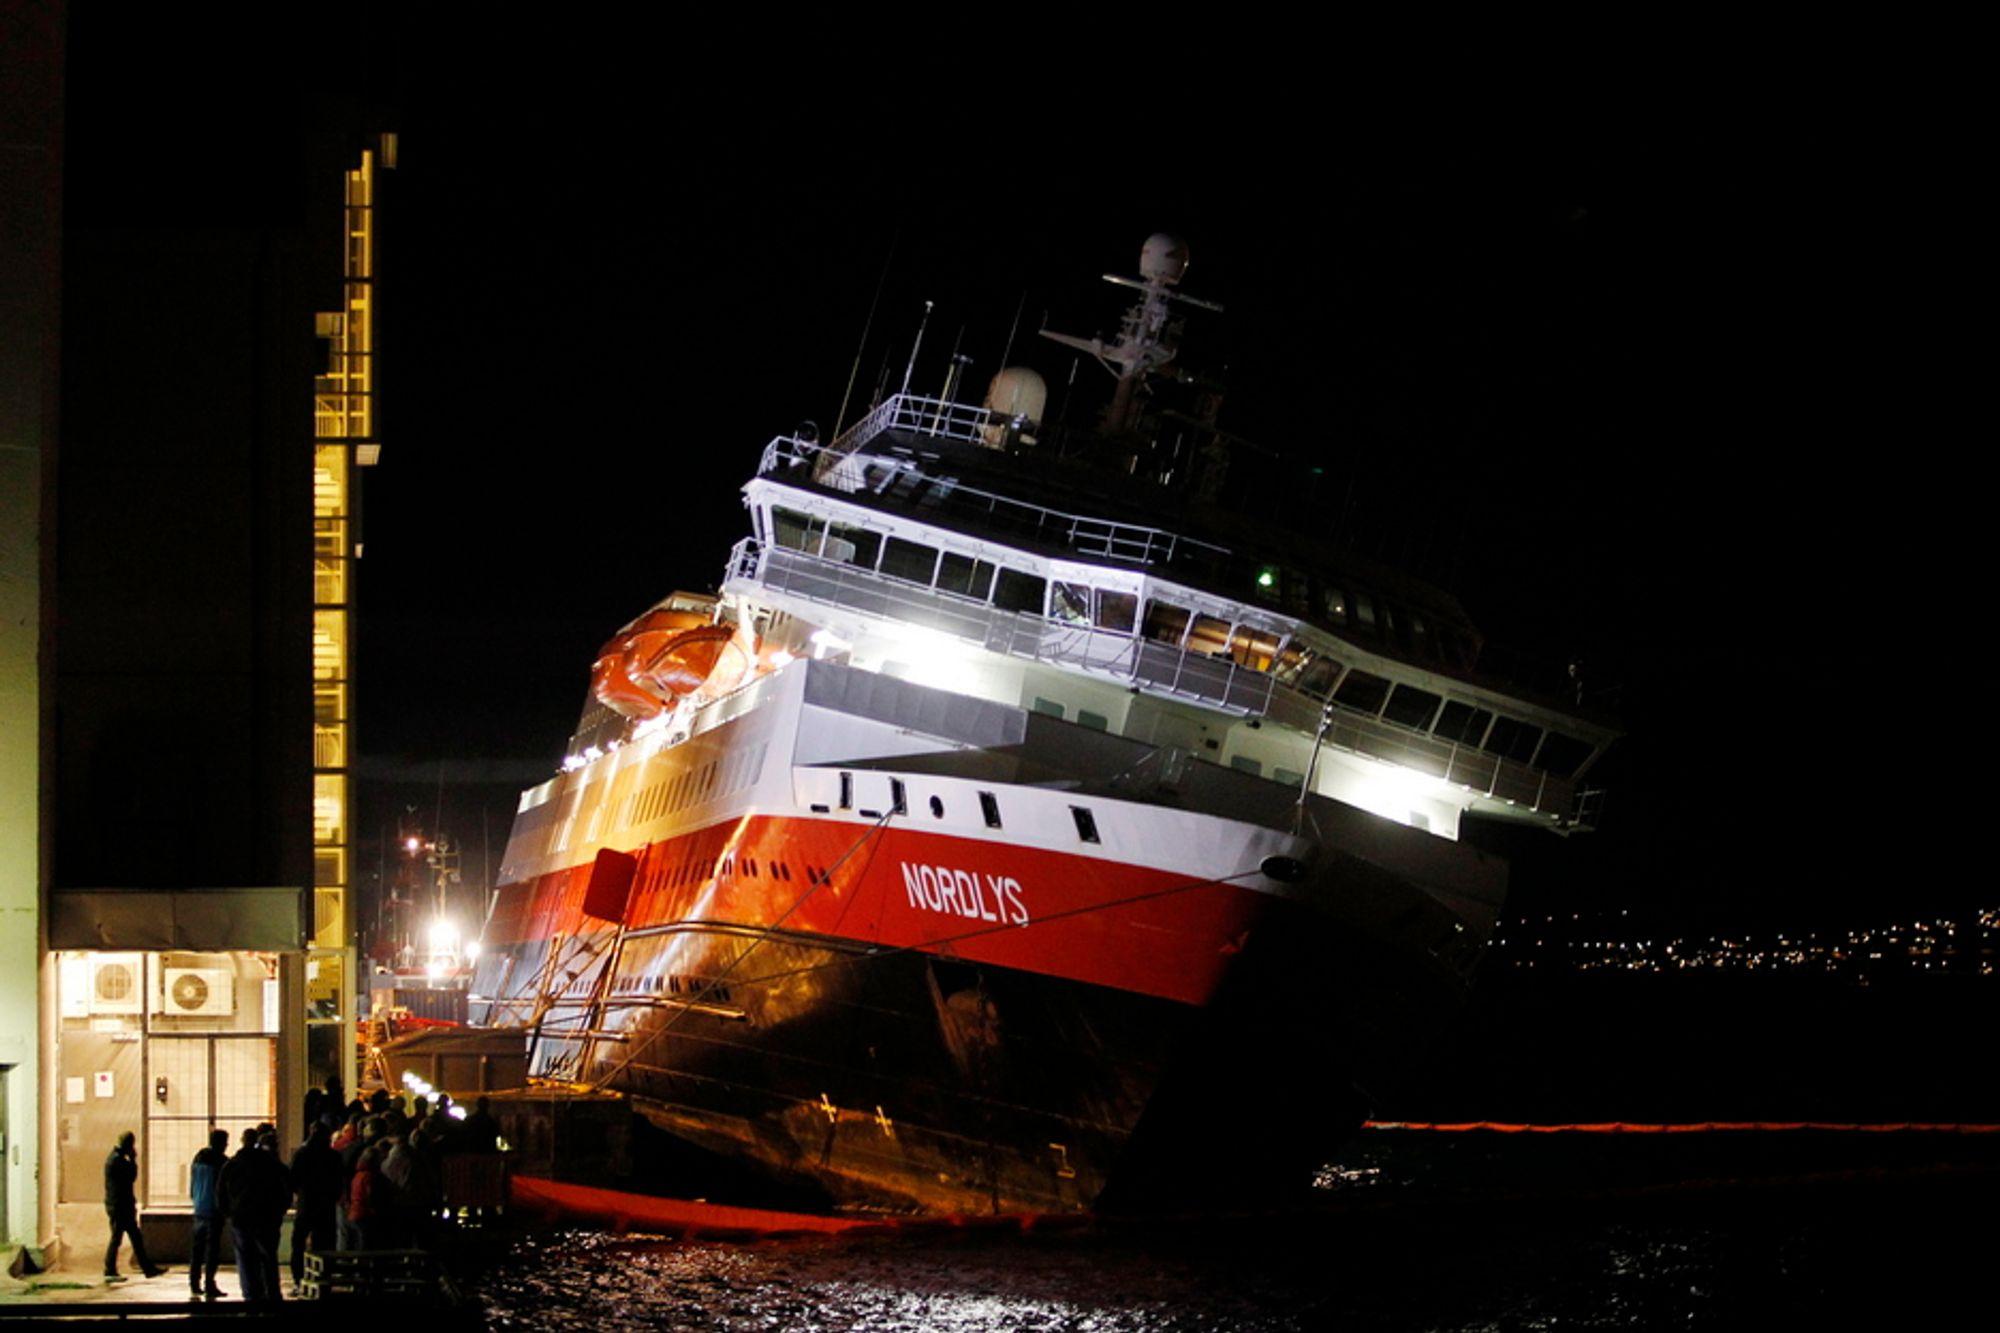 Hurtigruteskipet Nordlys krenger nesten 20 grader i morgentimene fredag. Ved 20 grader er risikoen for kantring stor.